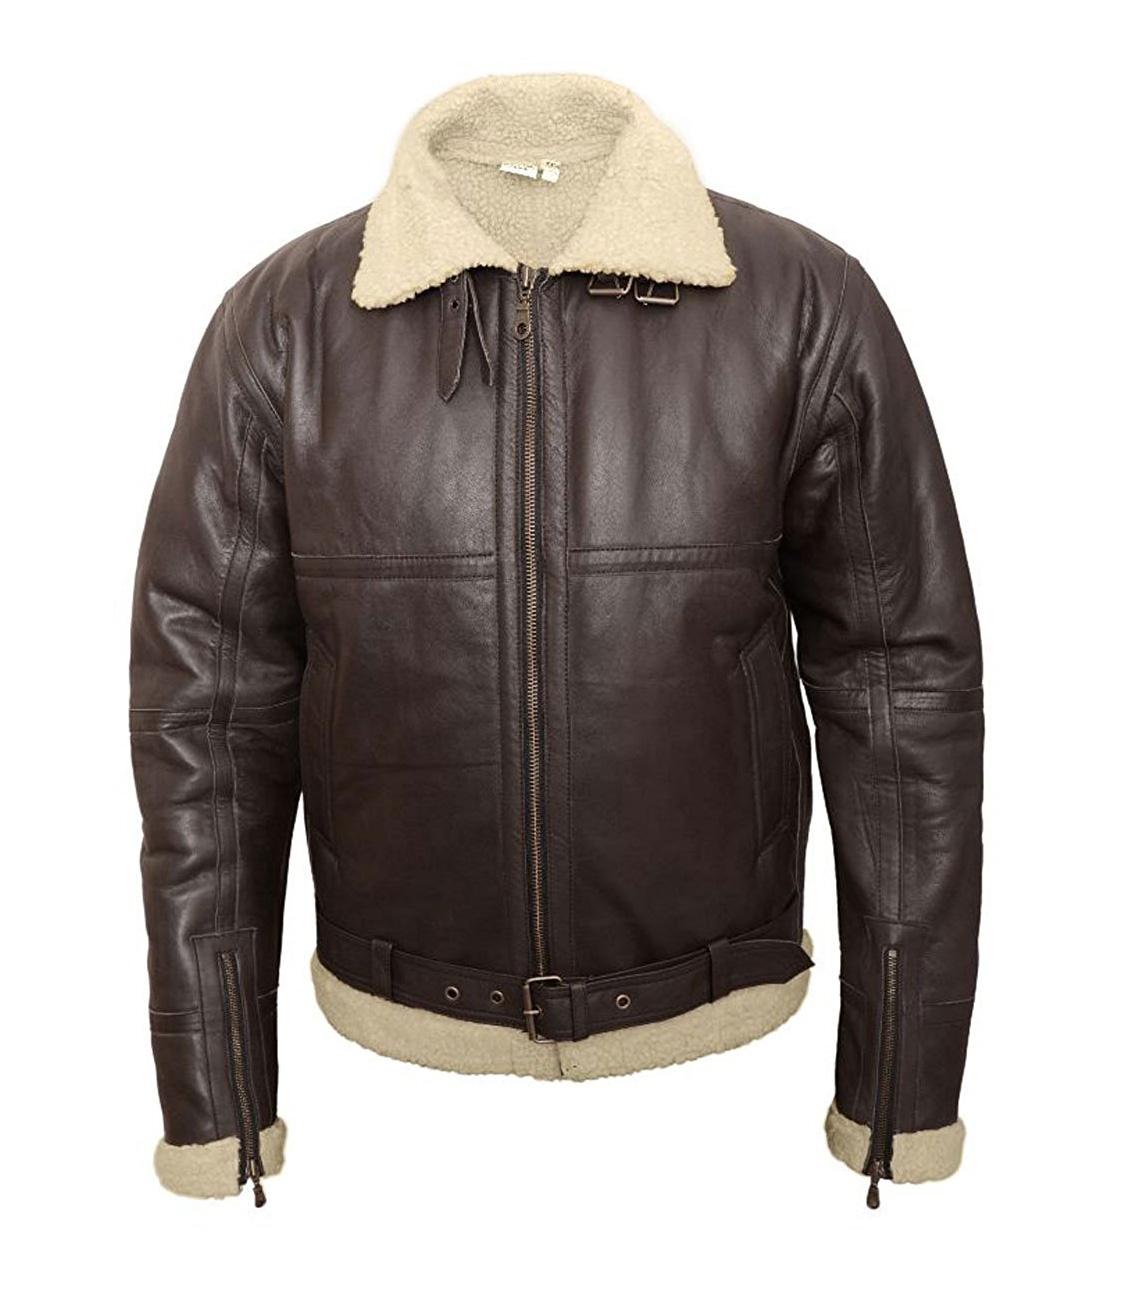 b3-bomber-jacket-g